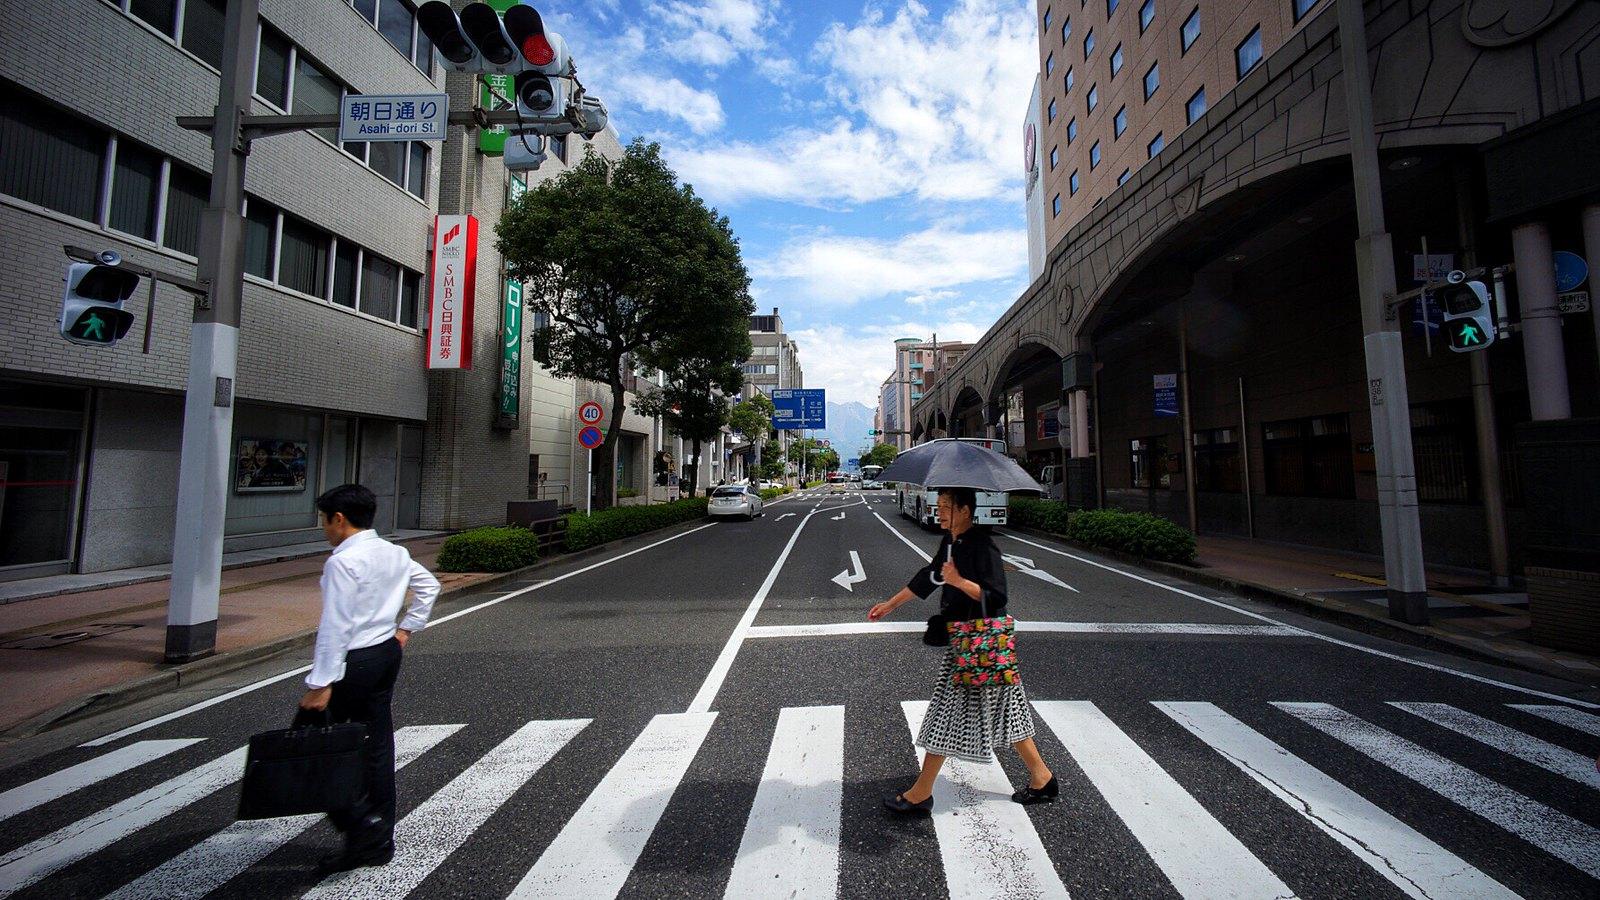 Kagoshima Crossing No. 1